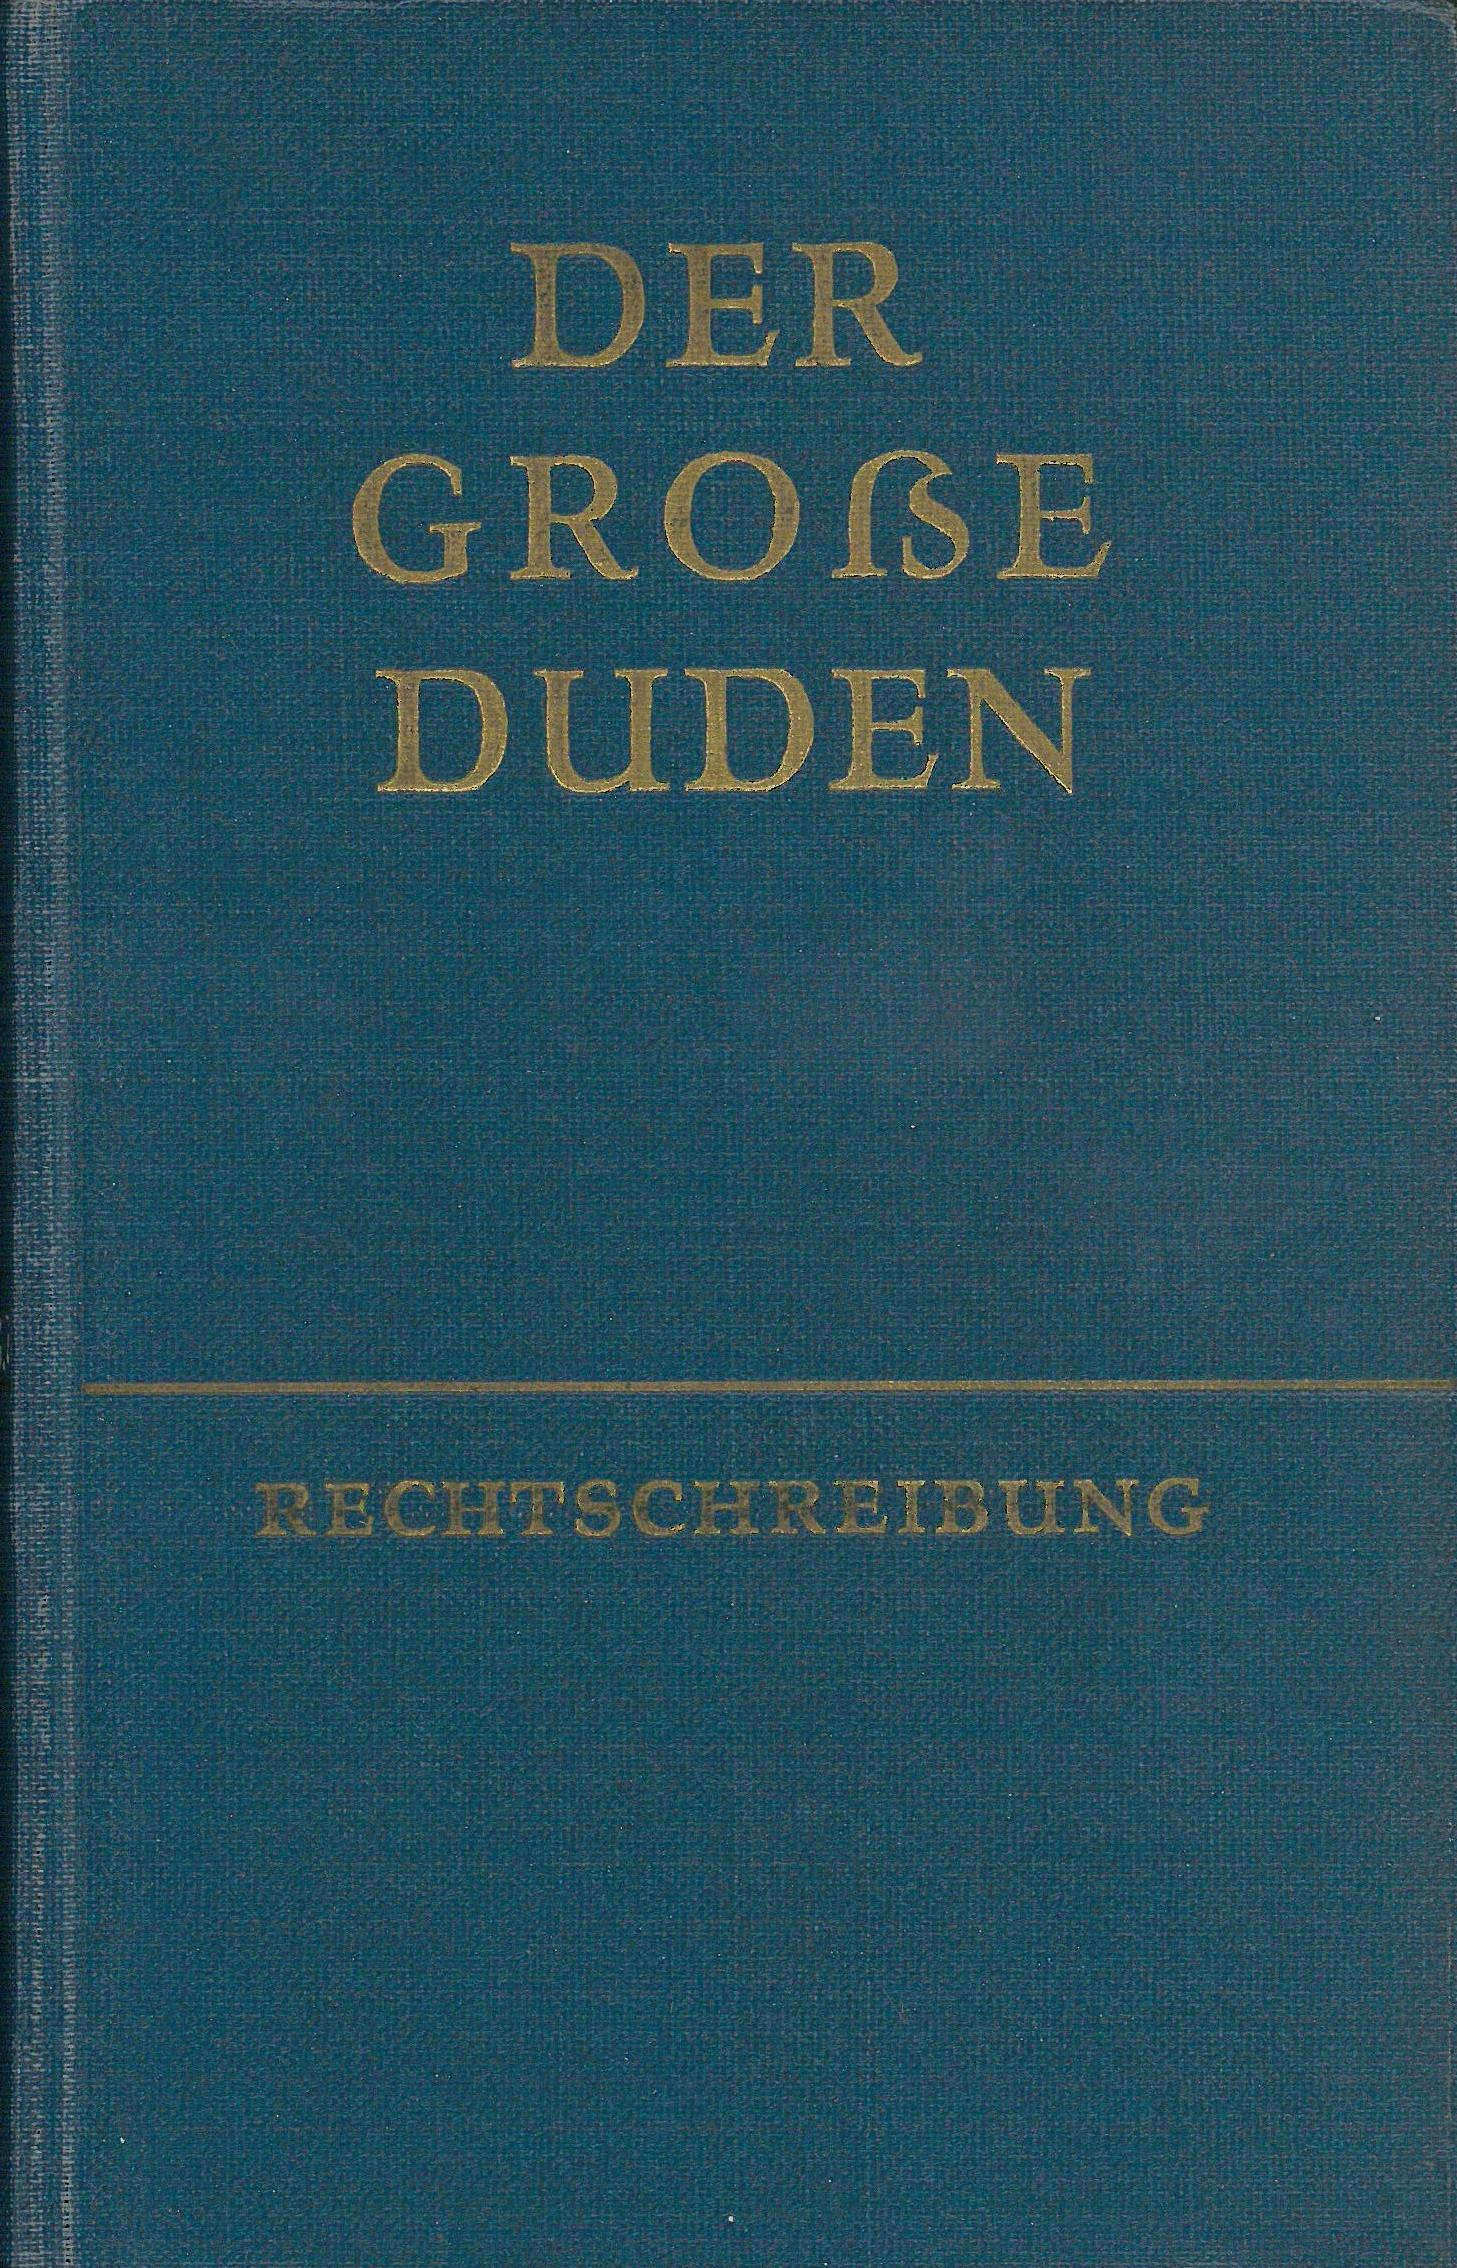 Buchcover Duden von 1957 DDR